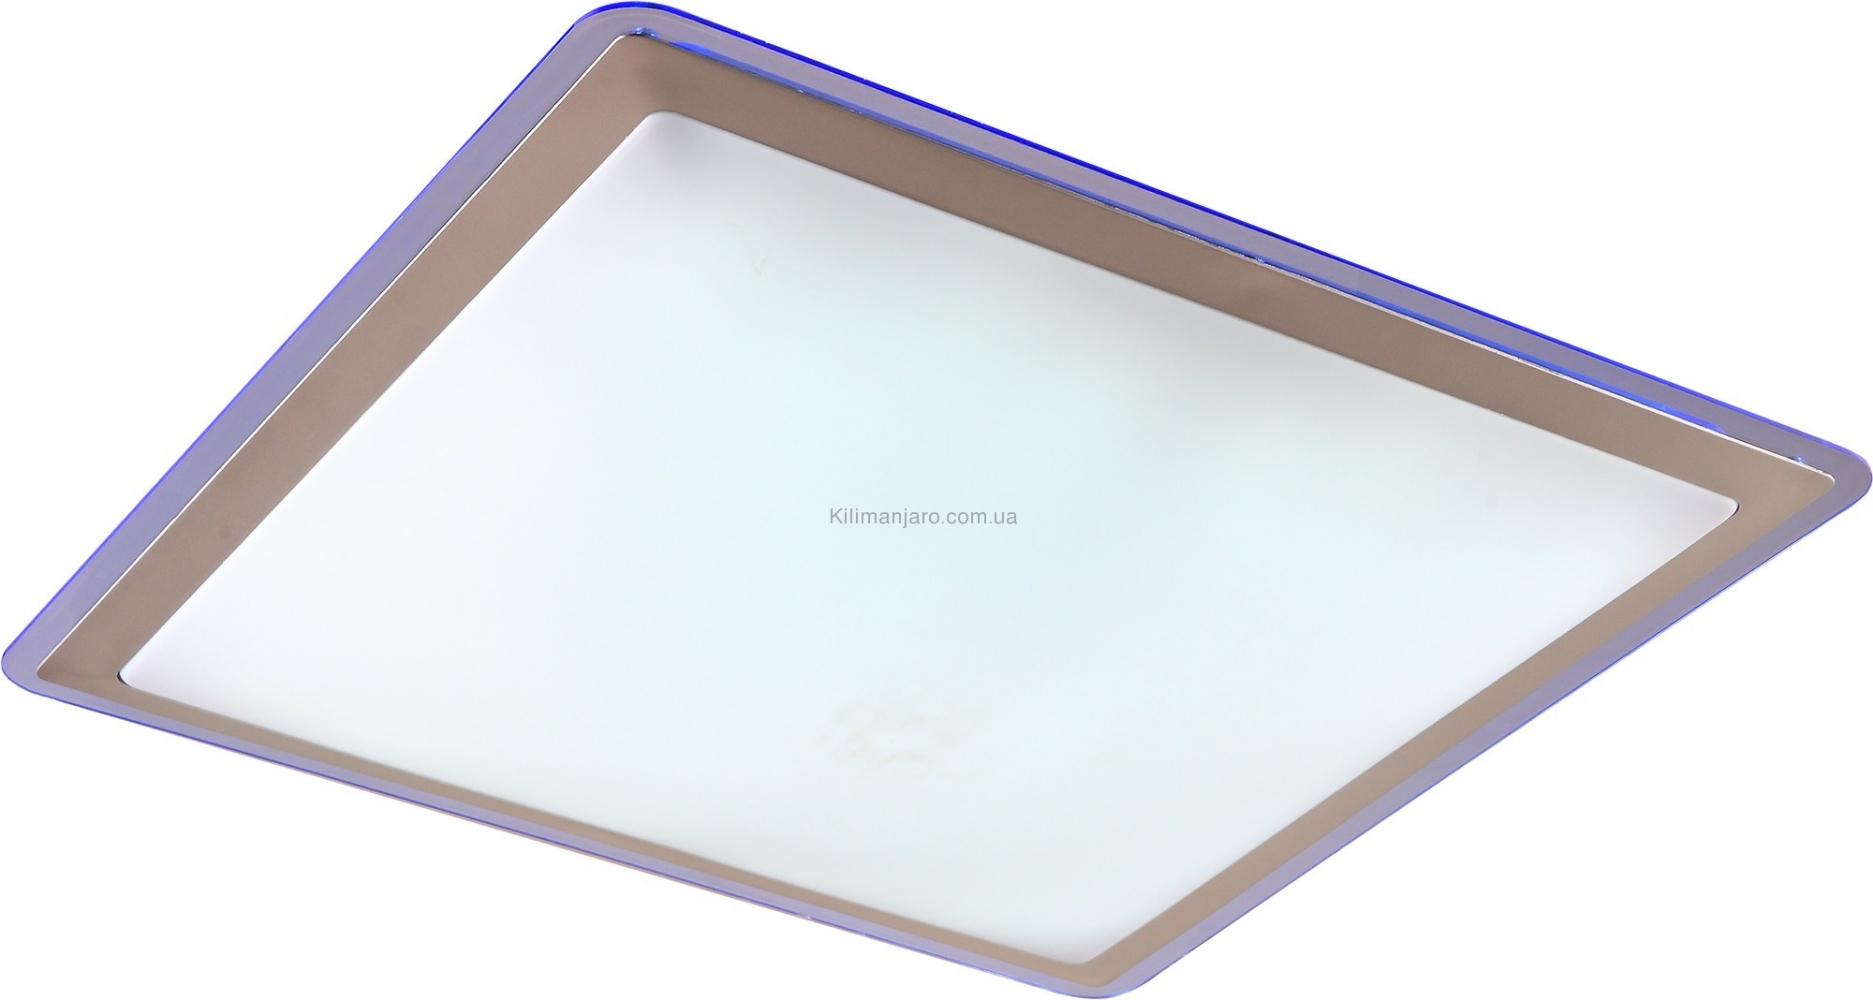 Потолочный светильник Altalusse INL-9357C-48 Blue